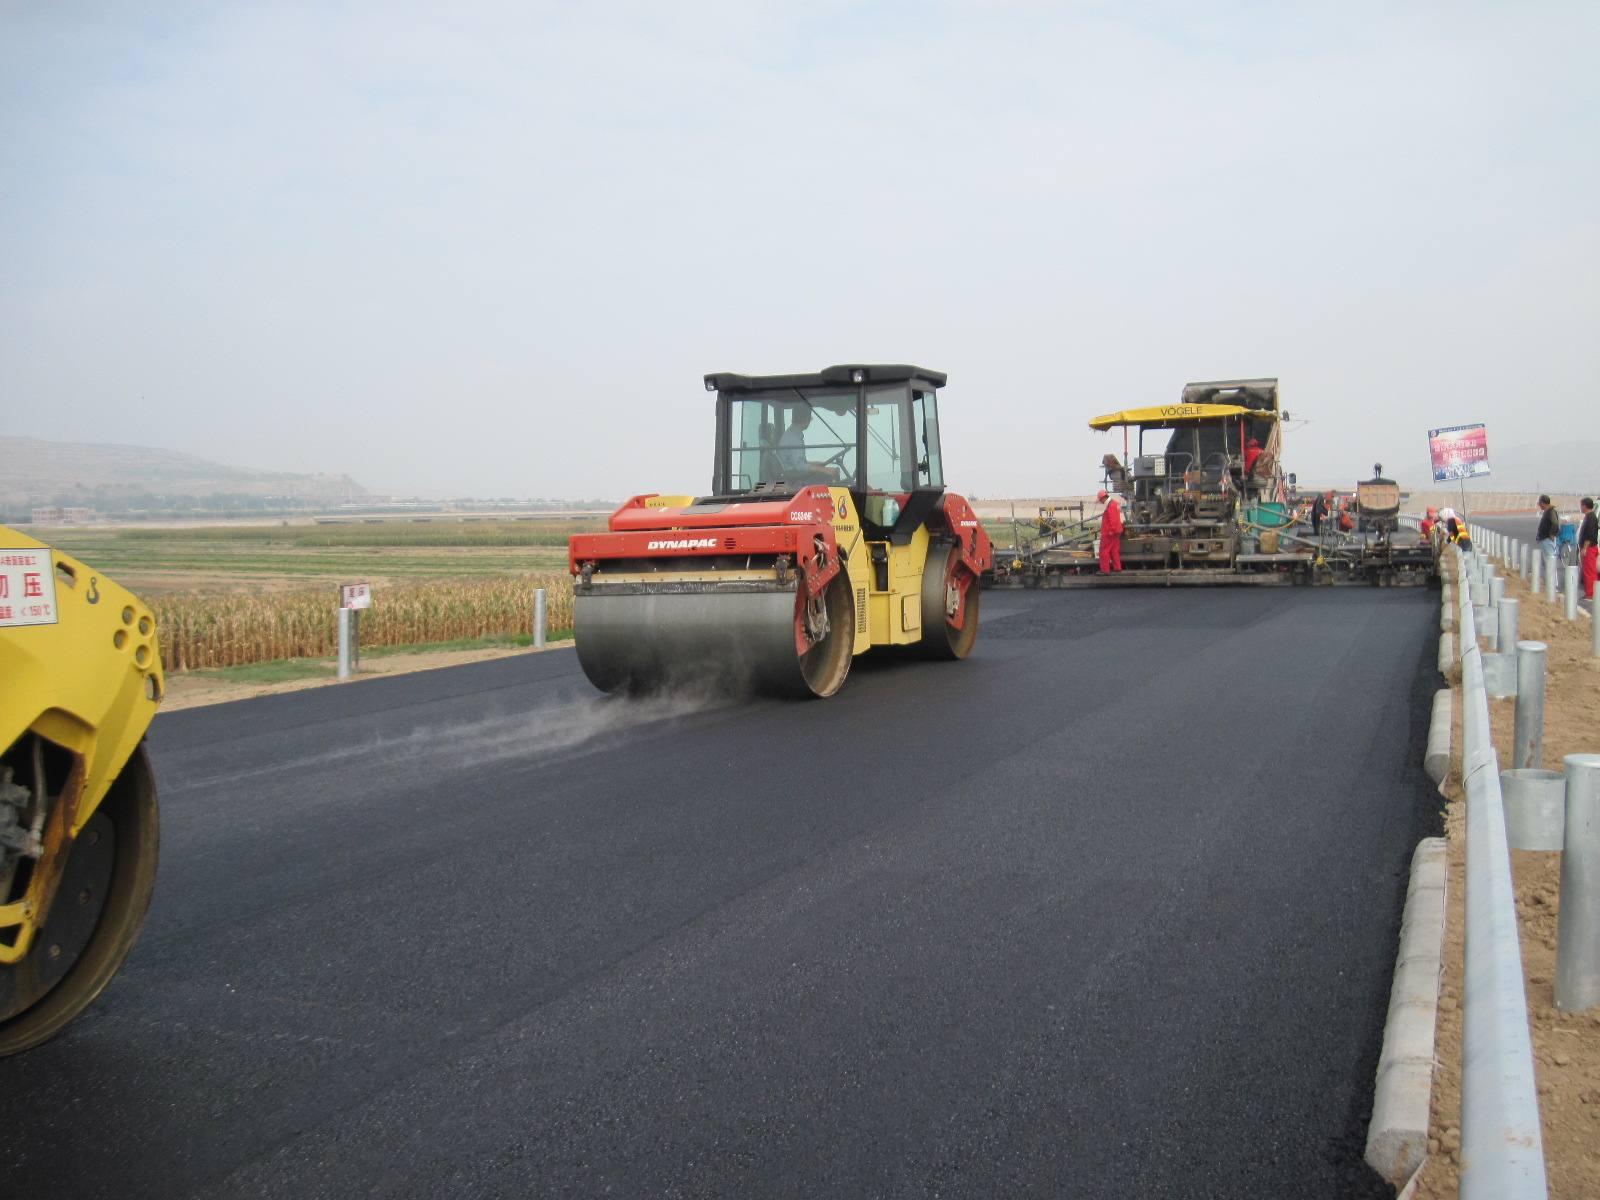 公路路基工程专业承包资质办理流程有哪些?